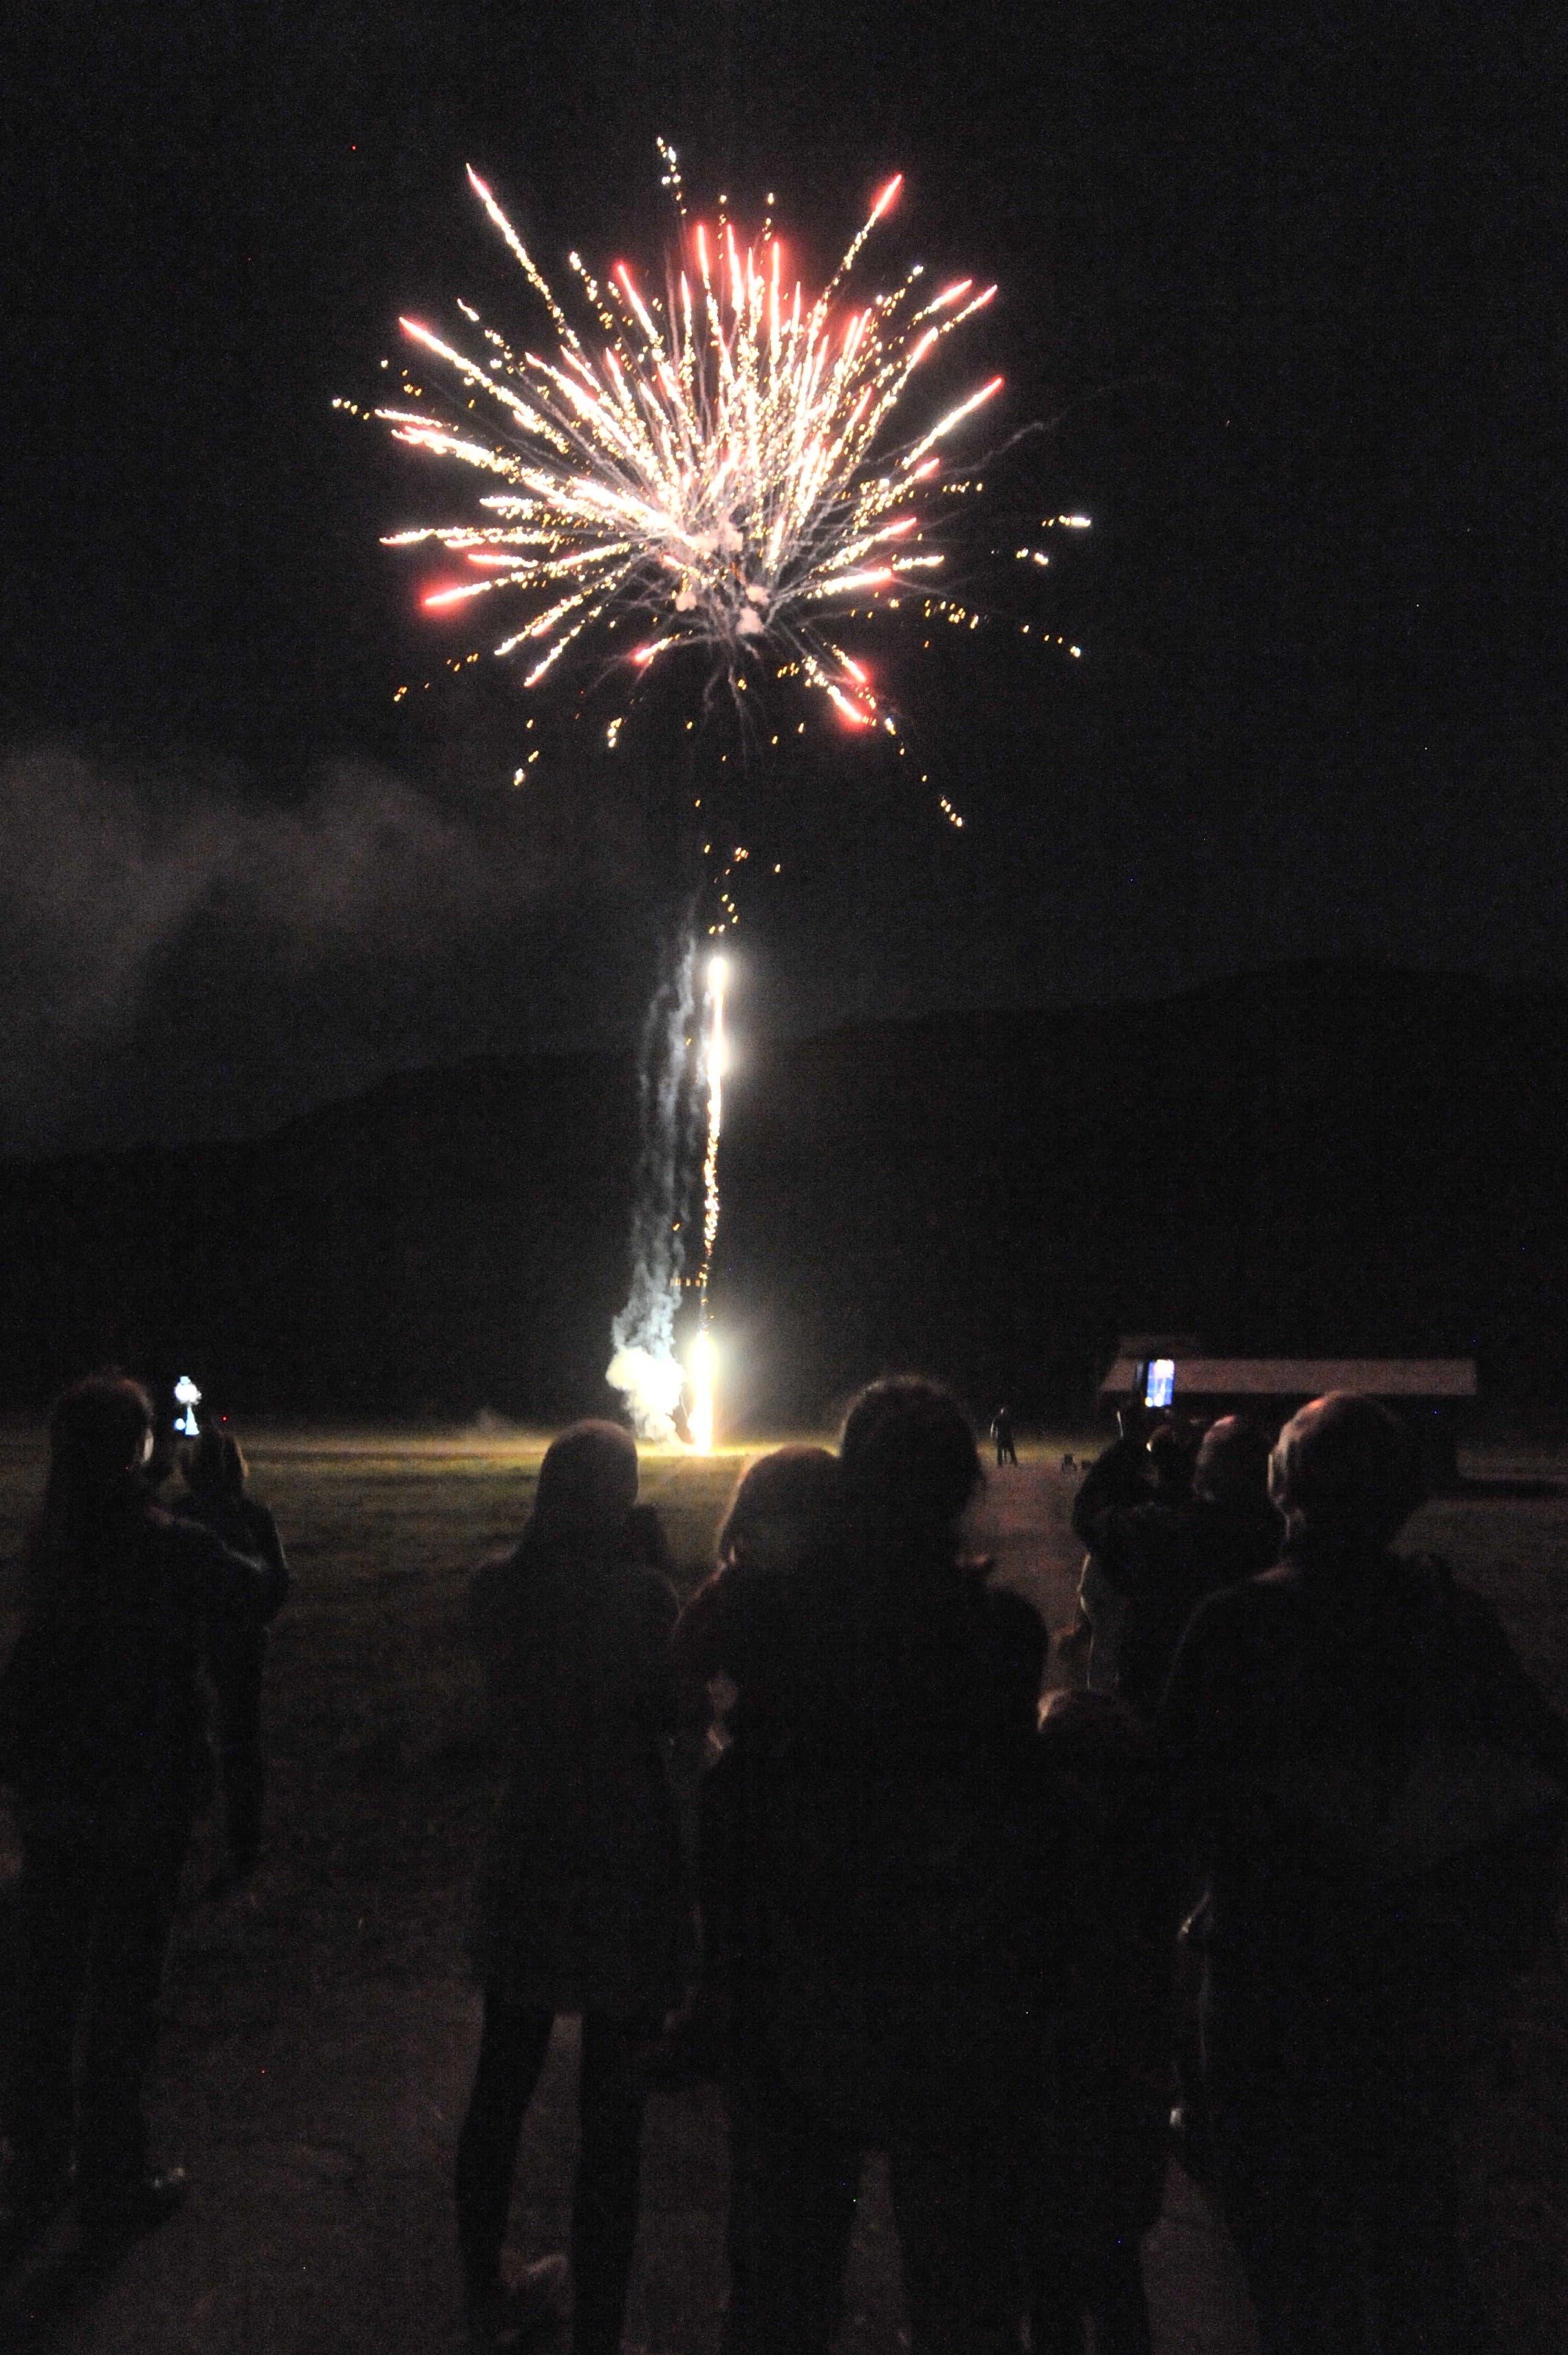 Die Teilnehmer kamen in den Genuss eines rund fünfzehnminütigen Feuerwerks.